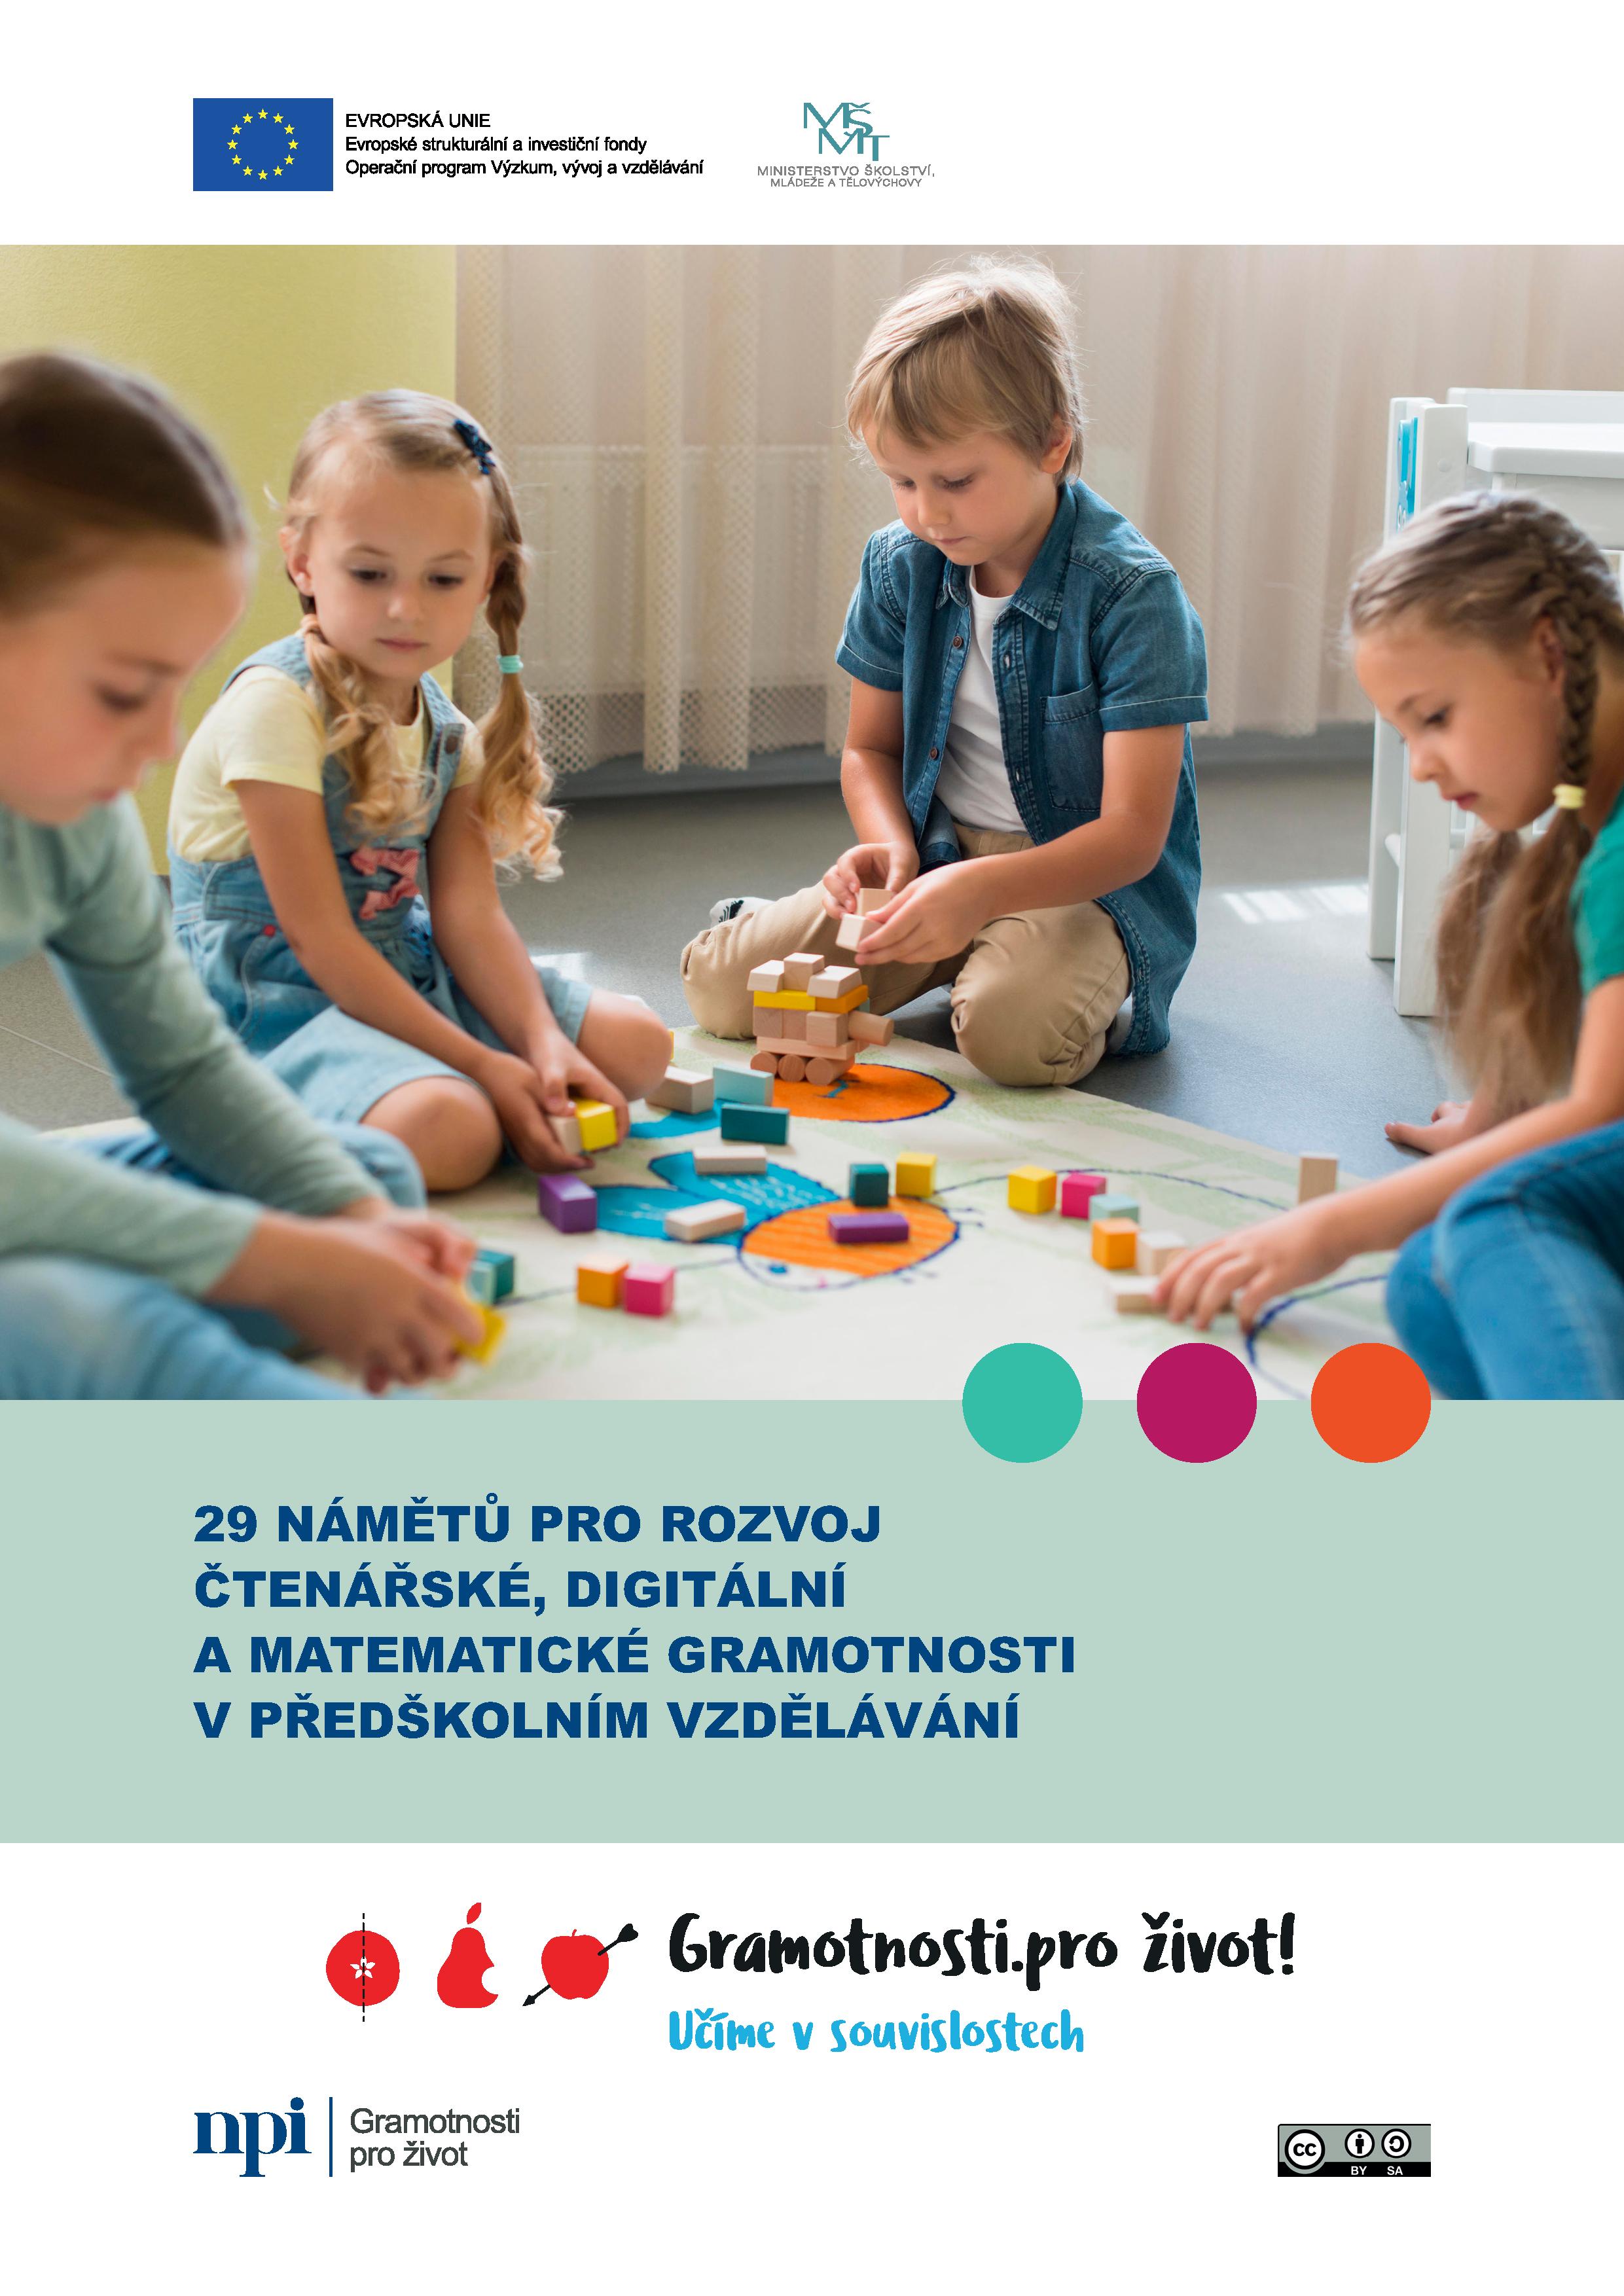 29 námětů pro rozvoj čtenářské, digitální a matematické gramotnosti v předškolním vzdělávání.